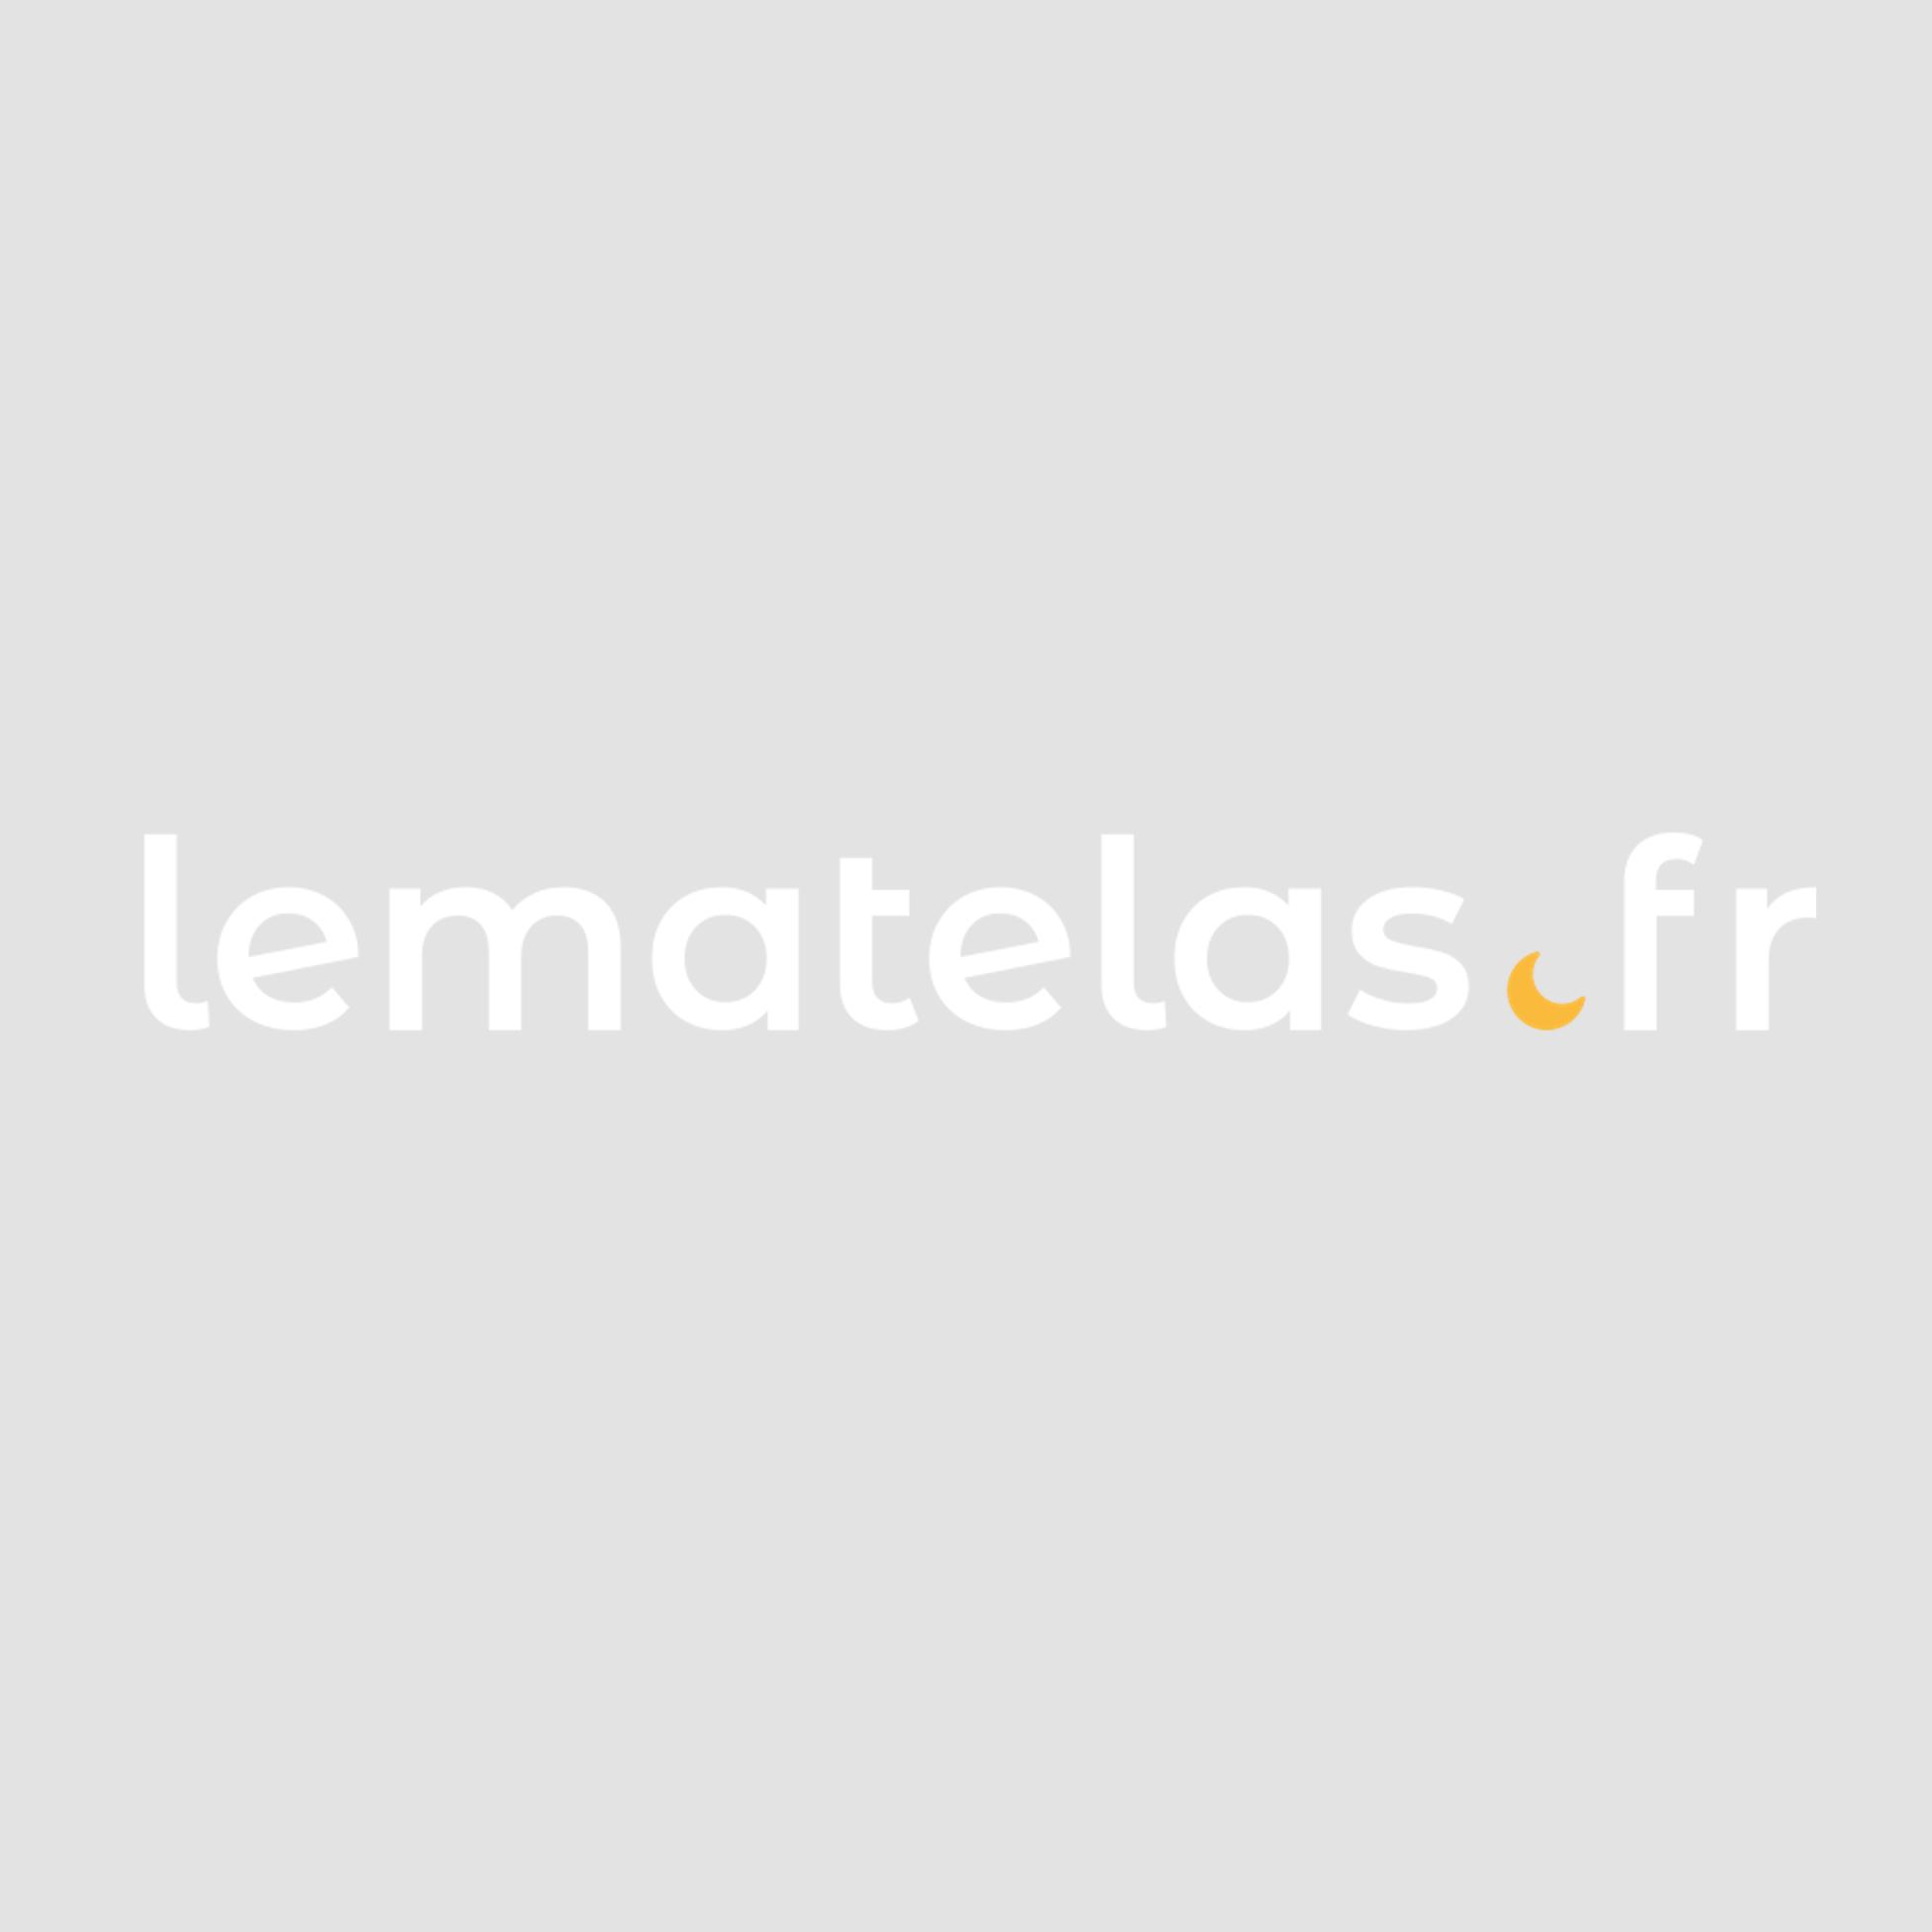 Chambre complète enfant en bois rose - CB5047-2